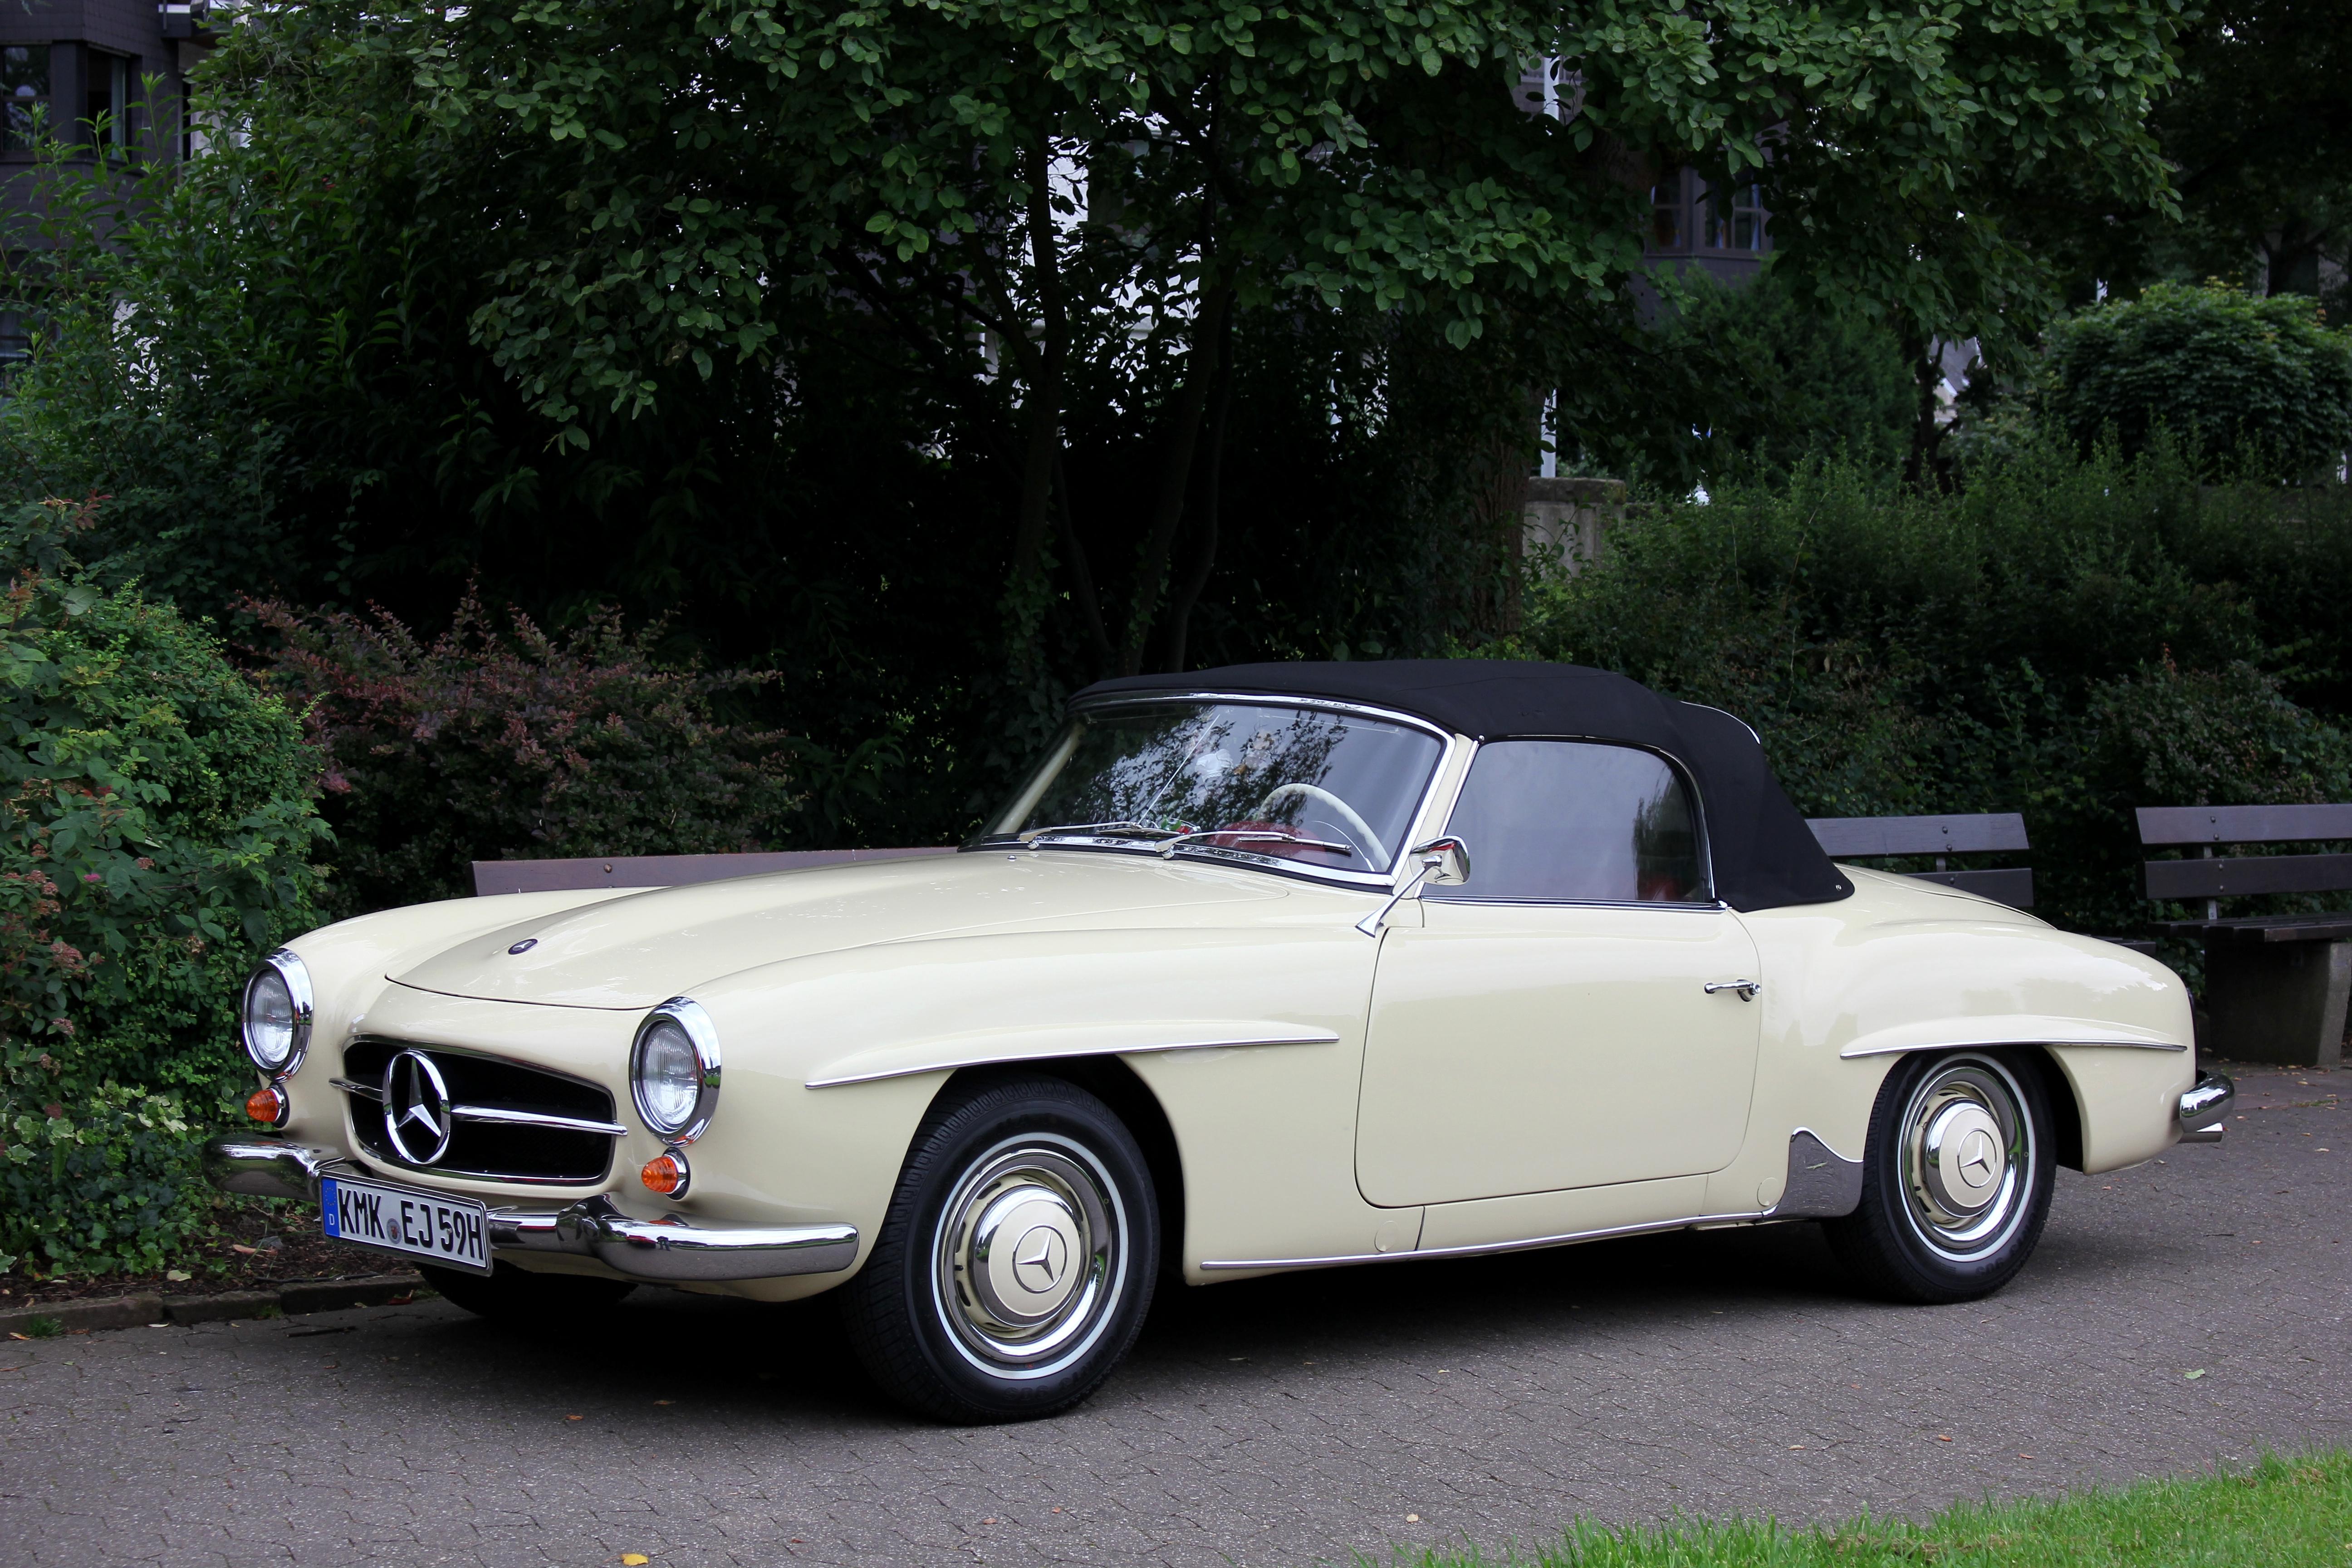 Mercedes benz of arlington va new used car autocars blog for Mercedes benz arlington va